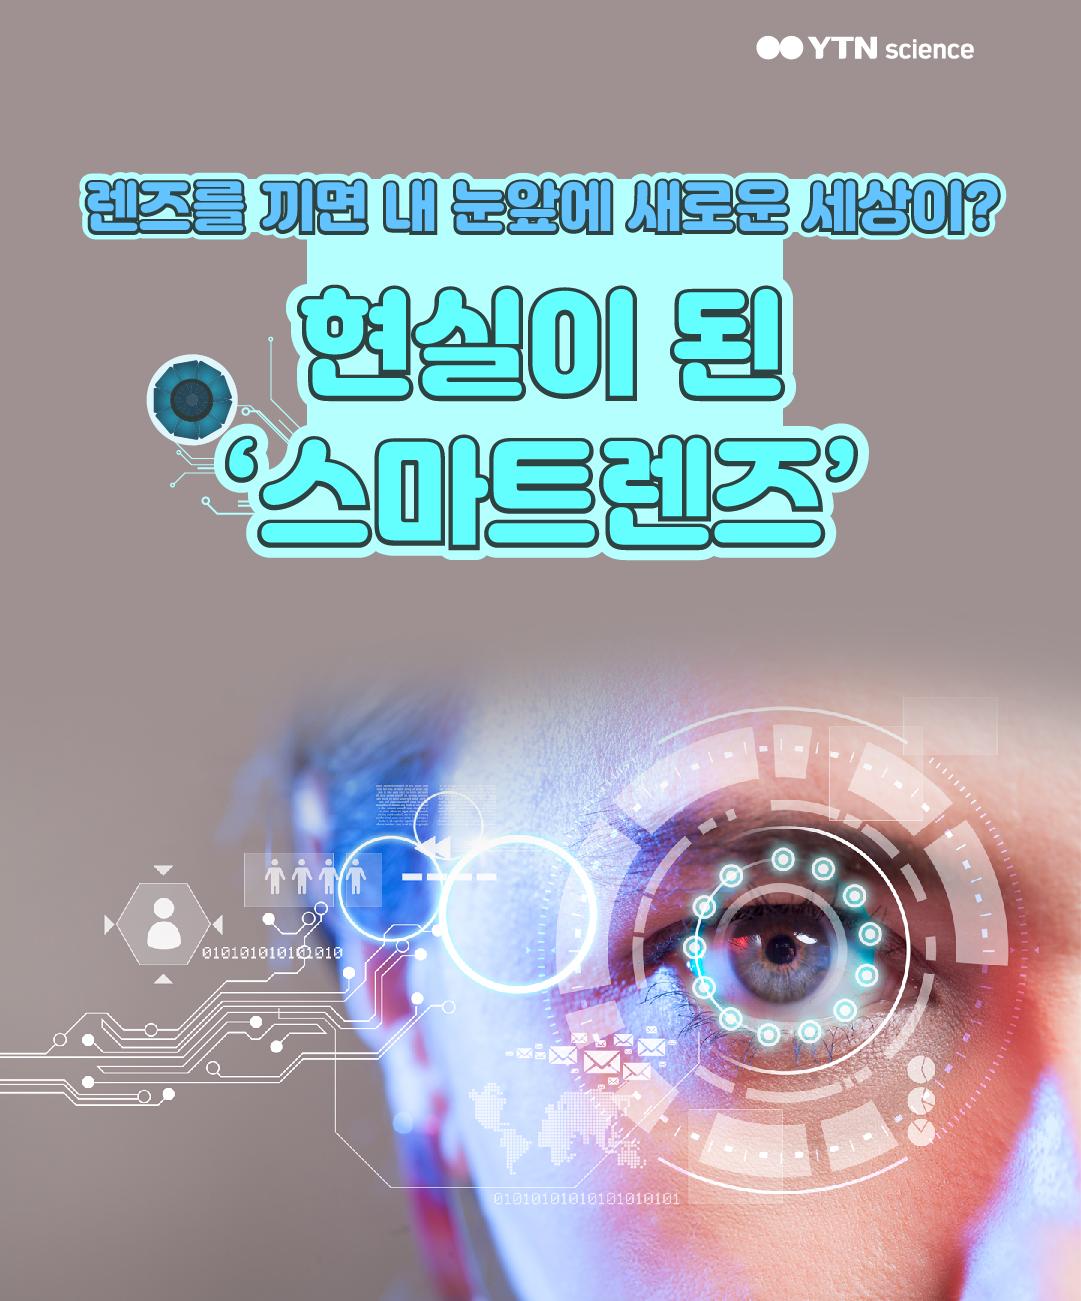 렌즈를 끼면 내 눈앞에 새로운 세상이? 현실이 된 '스마트렌즈' 이미지